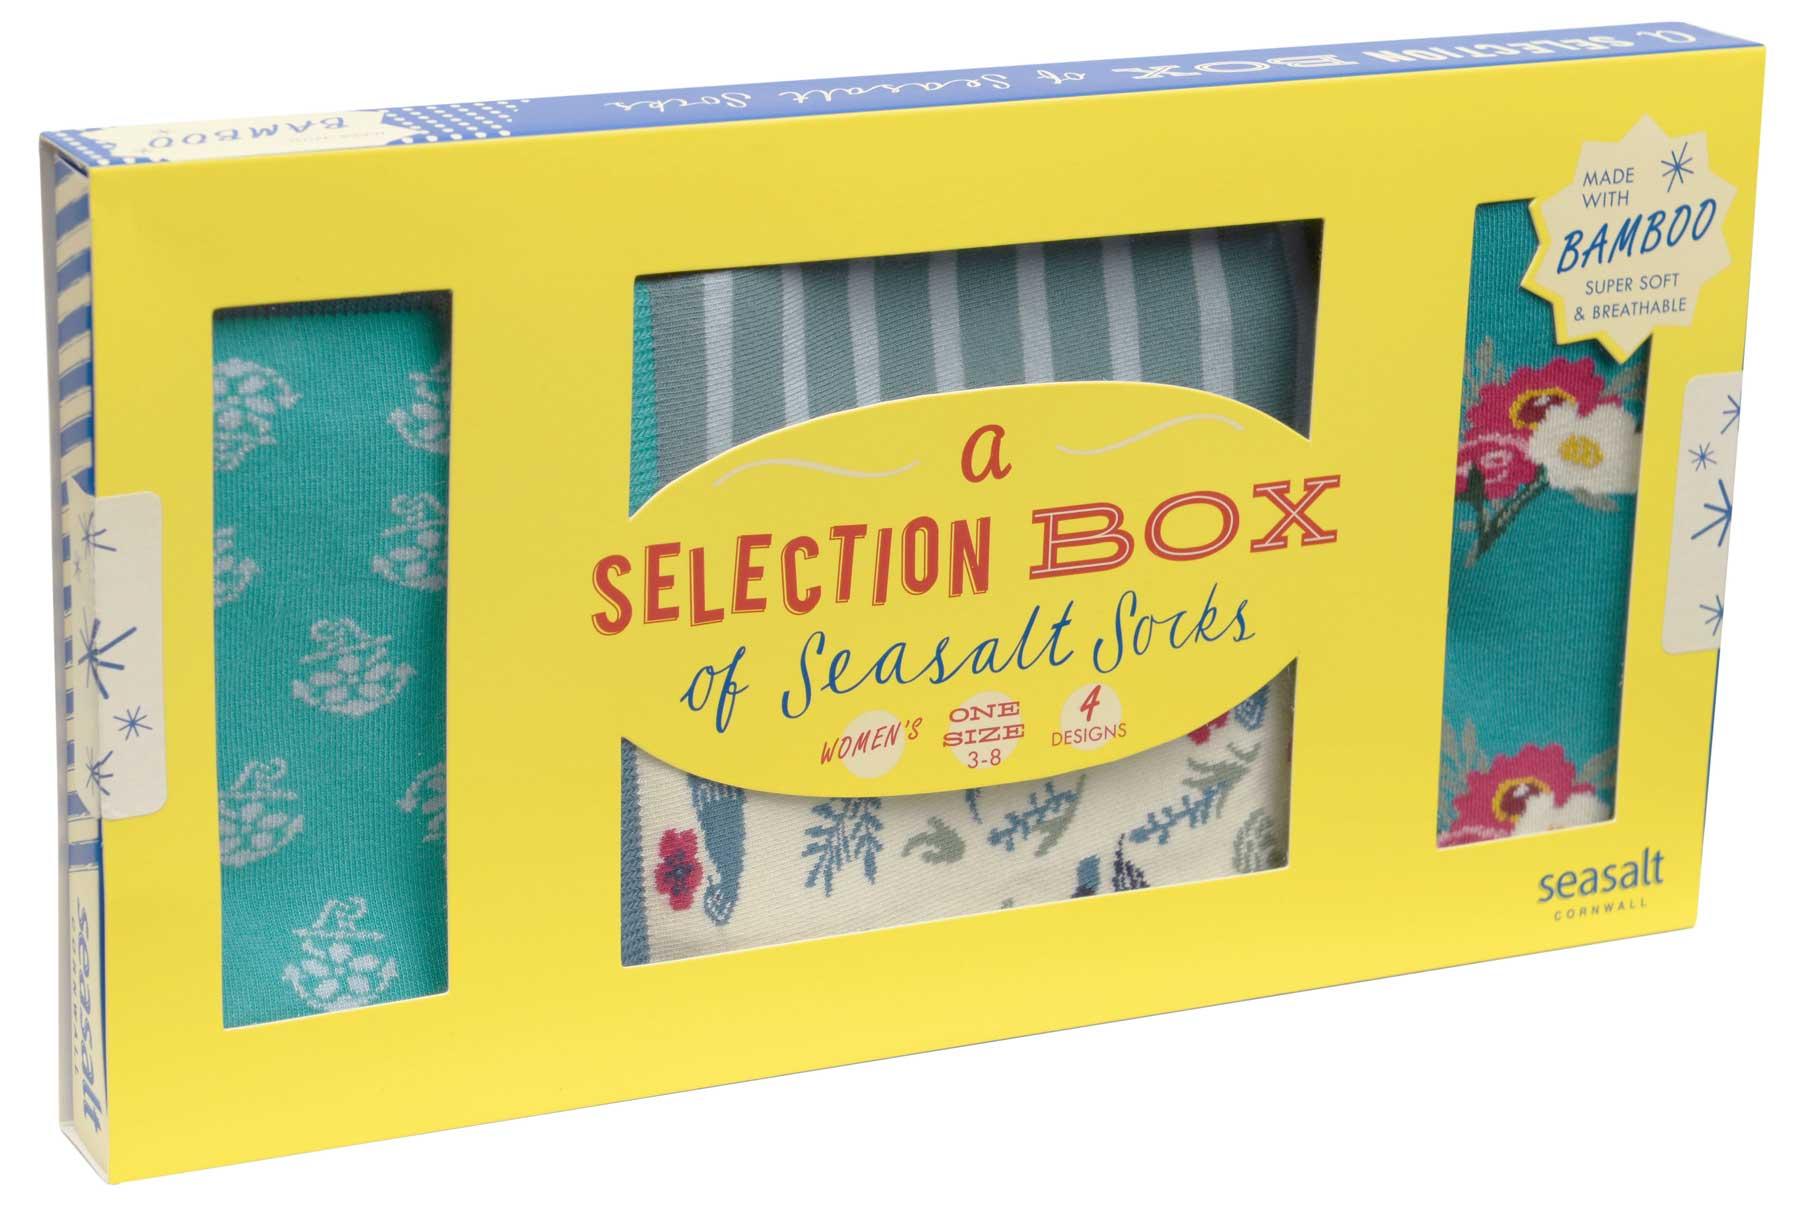 Xưởng in vỏ hộp giấy giá rẻ chất lượng tốt nhất ở đâu?